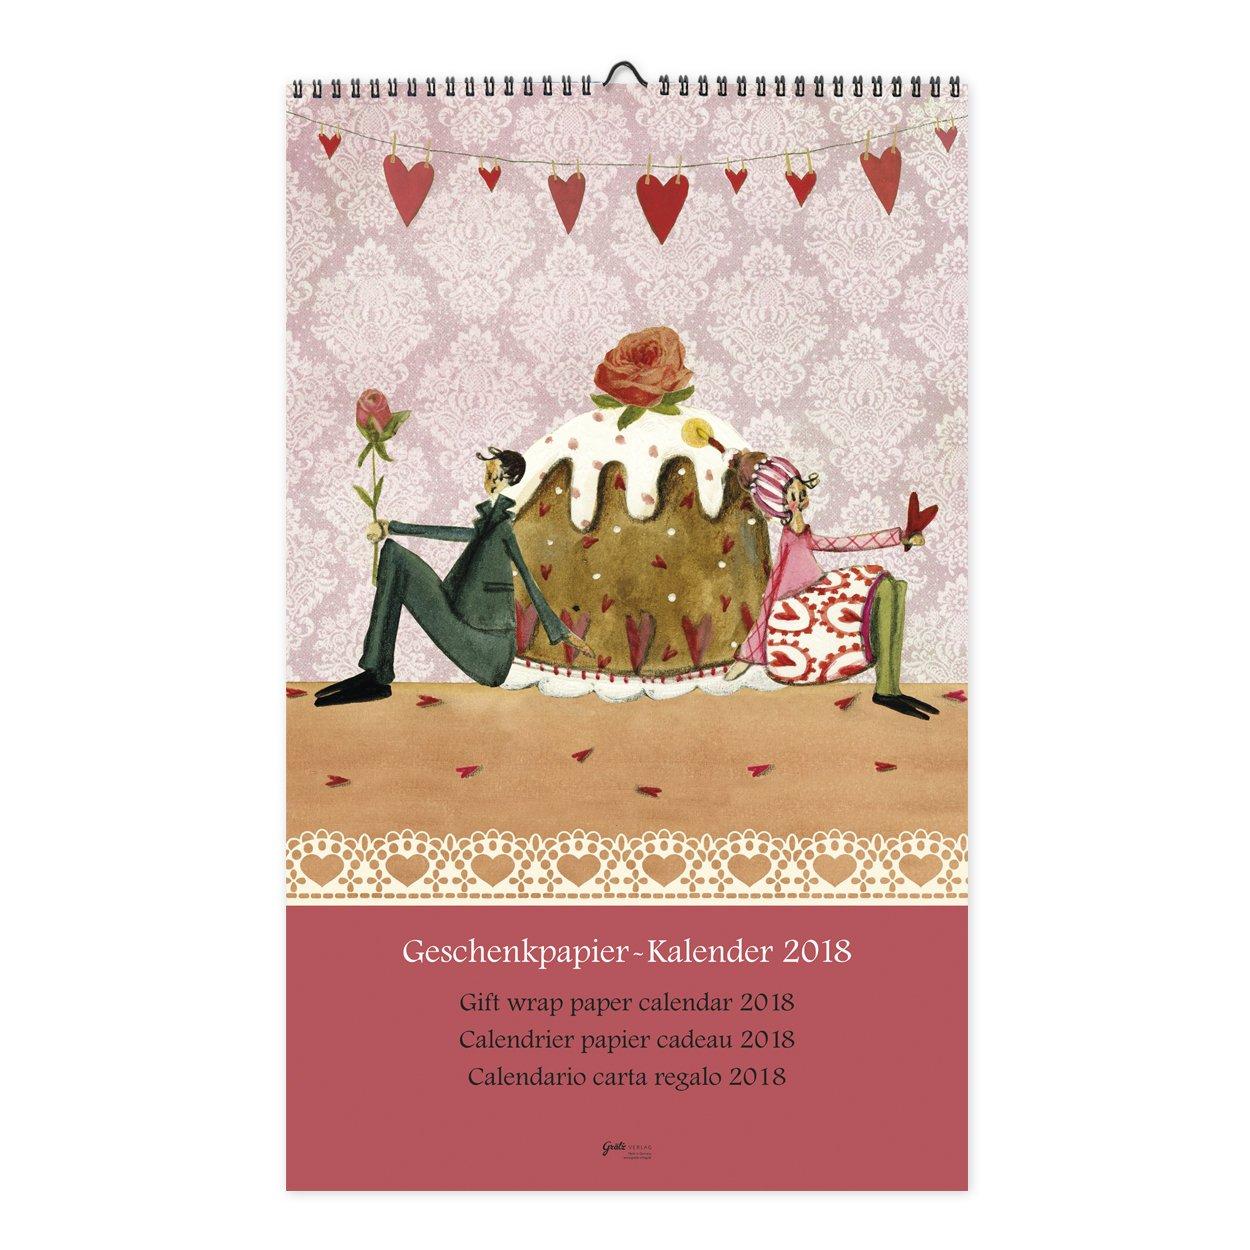 Origineller Geschenkpapier-Kalender 2018 aus dem Grätz Verlag, mit Illustrationen von Silke Leffler